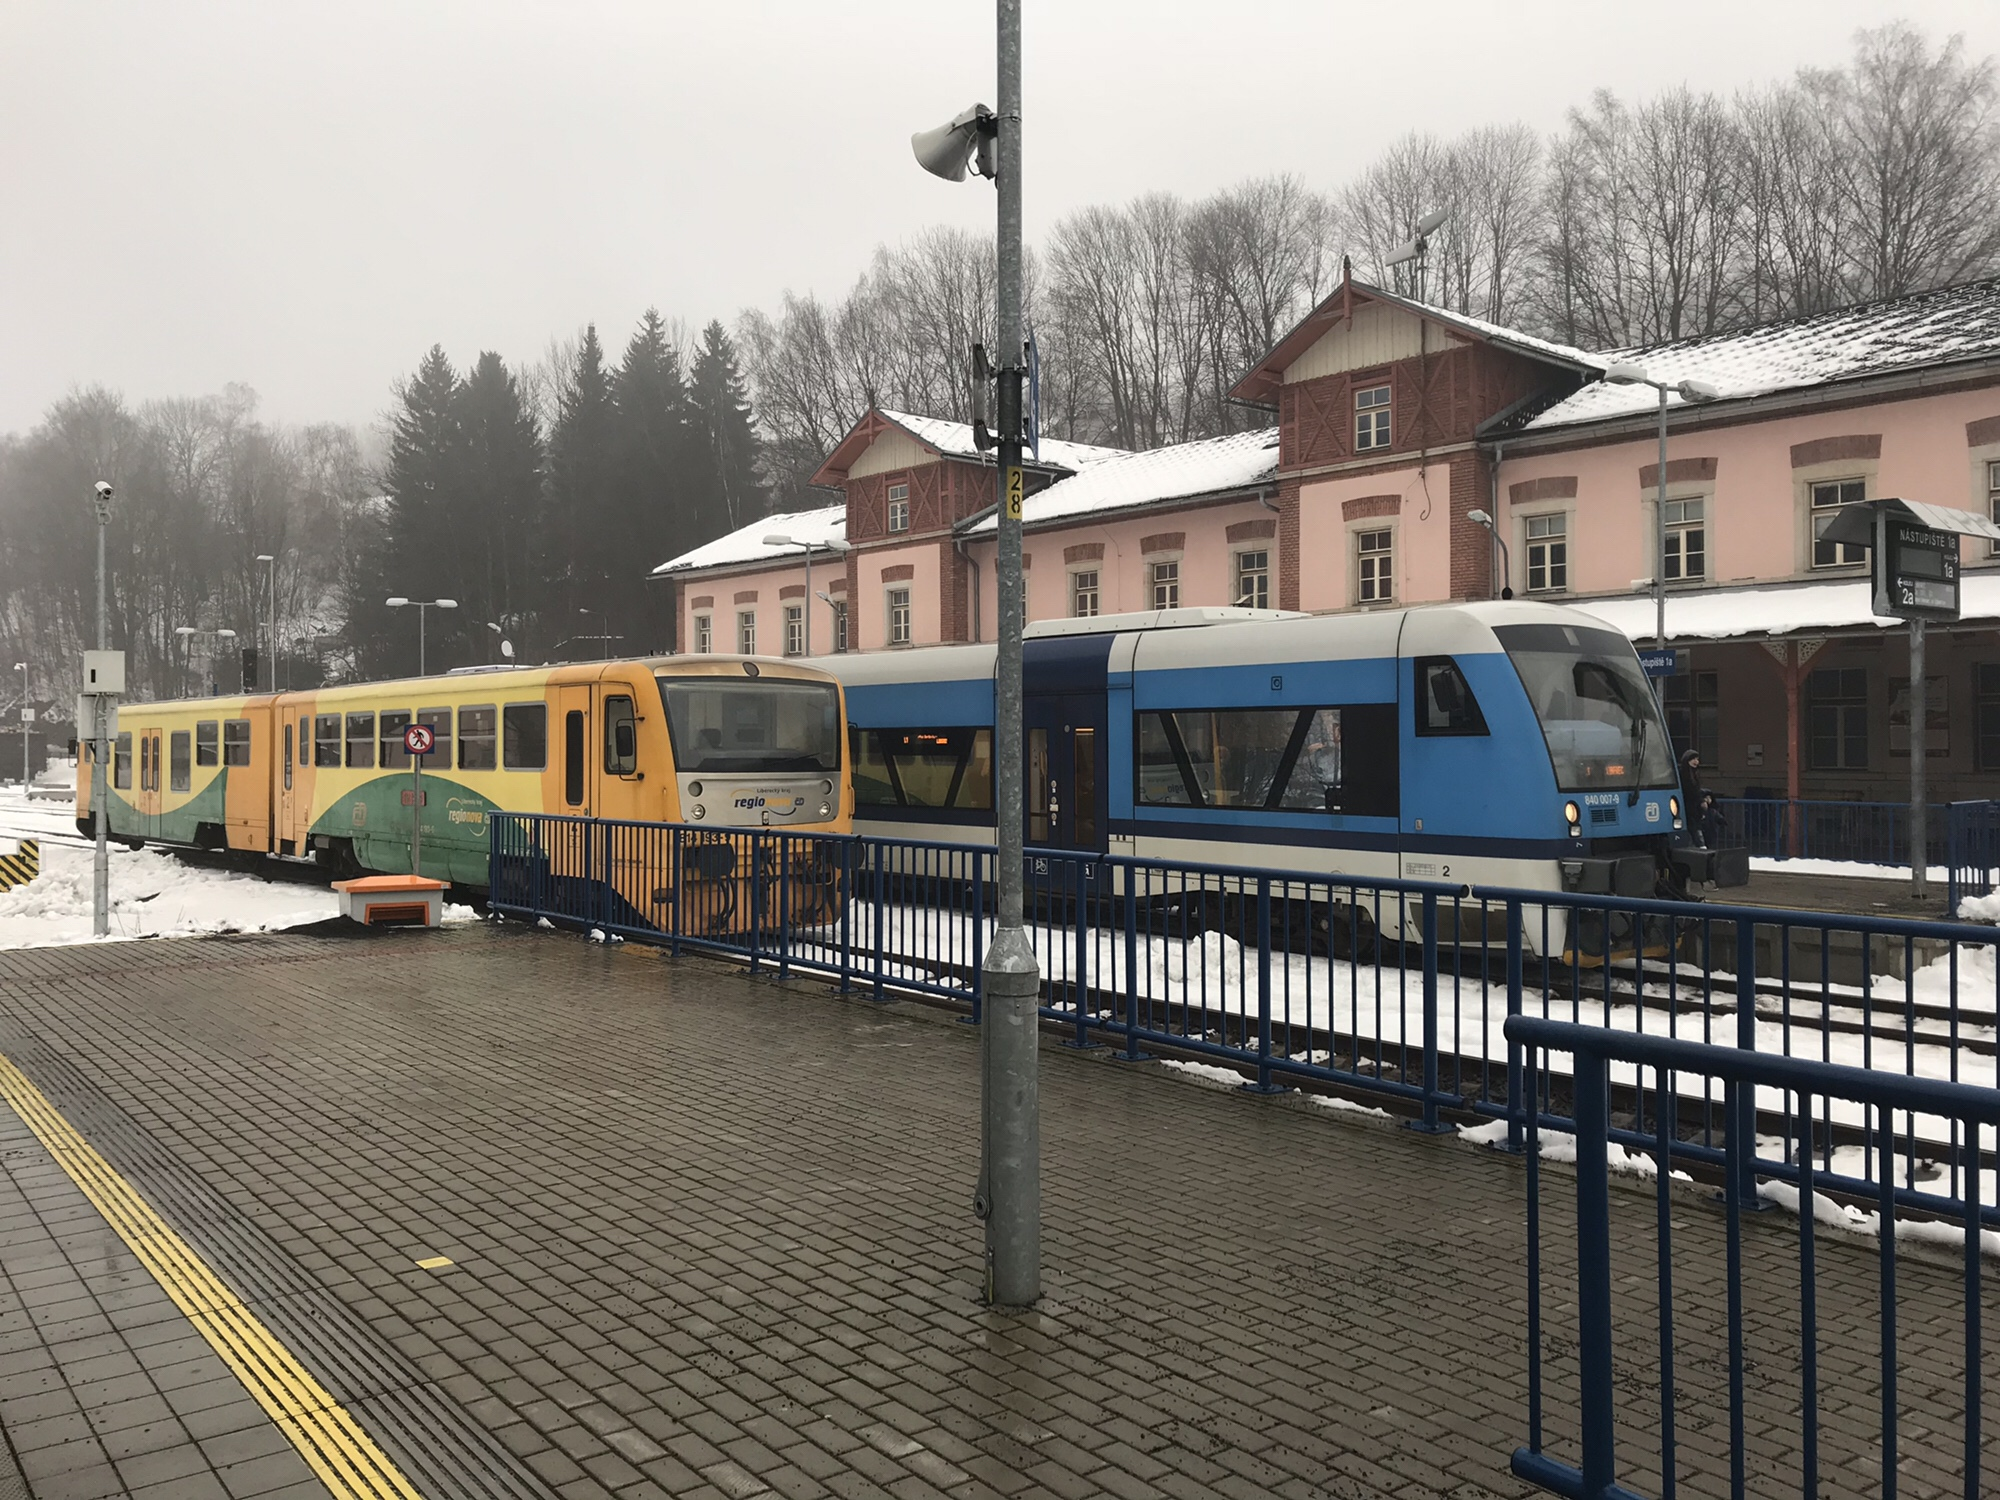 Gemächlich ging es zu auf Böhmens Nebenbahnen.